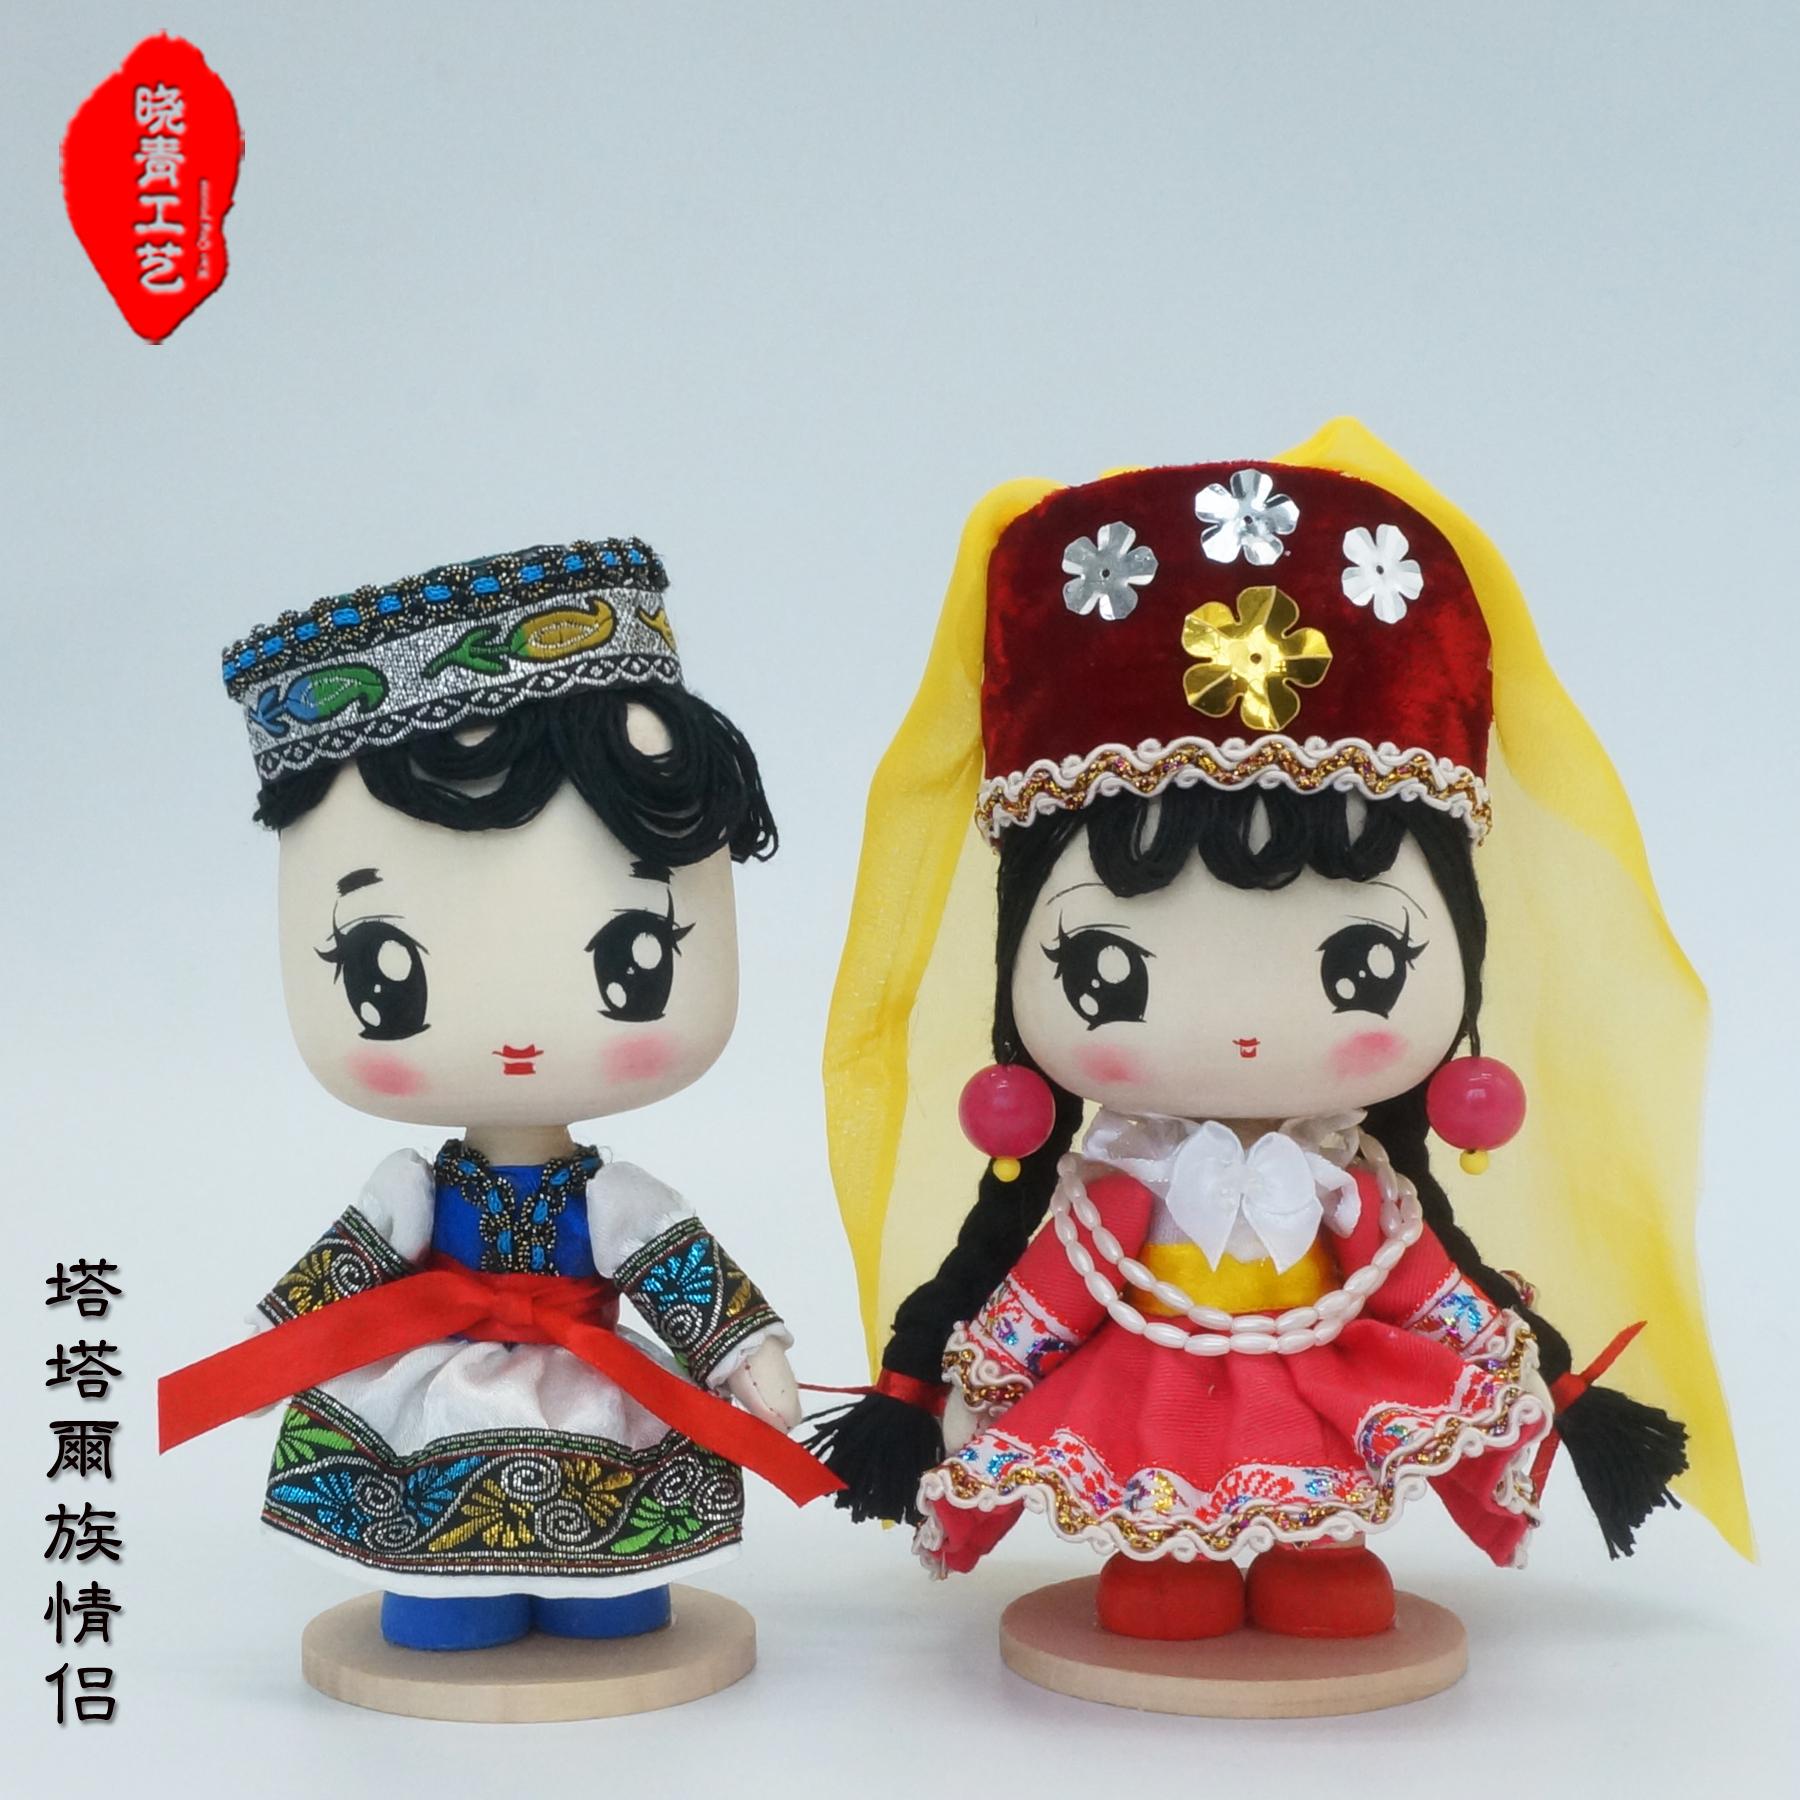 晓青工艺17cm塔塔尔族Q版民族娃娃 木制手工新疆娃娃木偶特色礼品